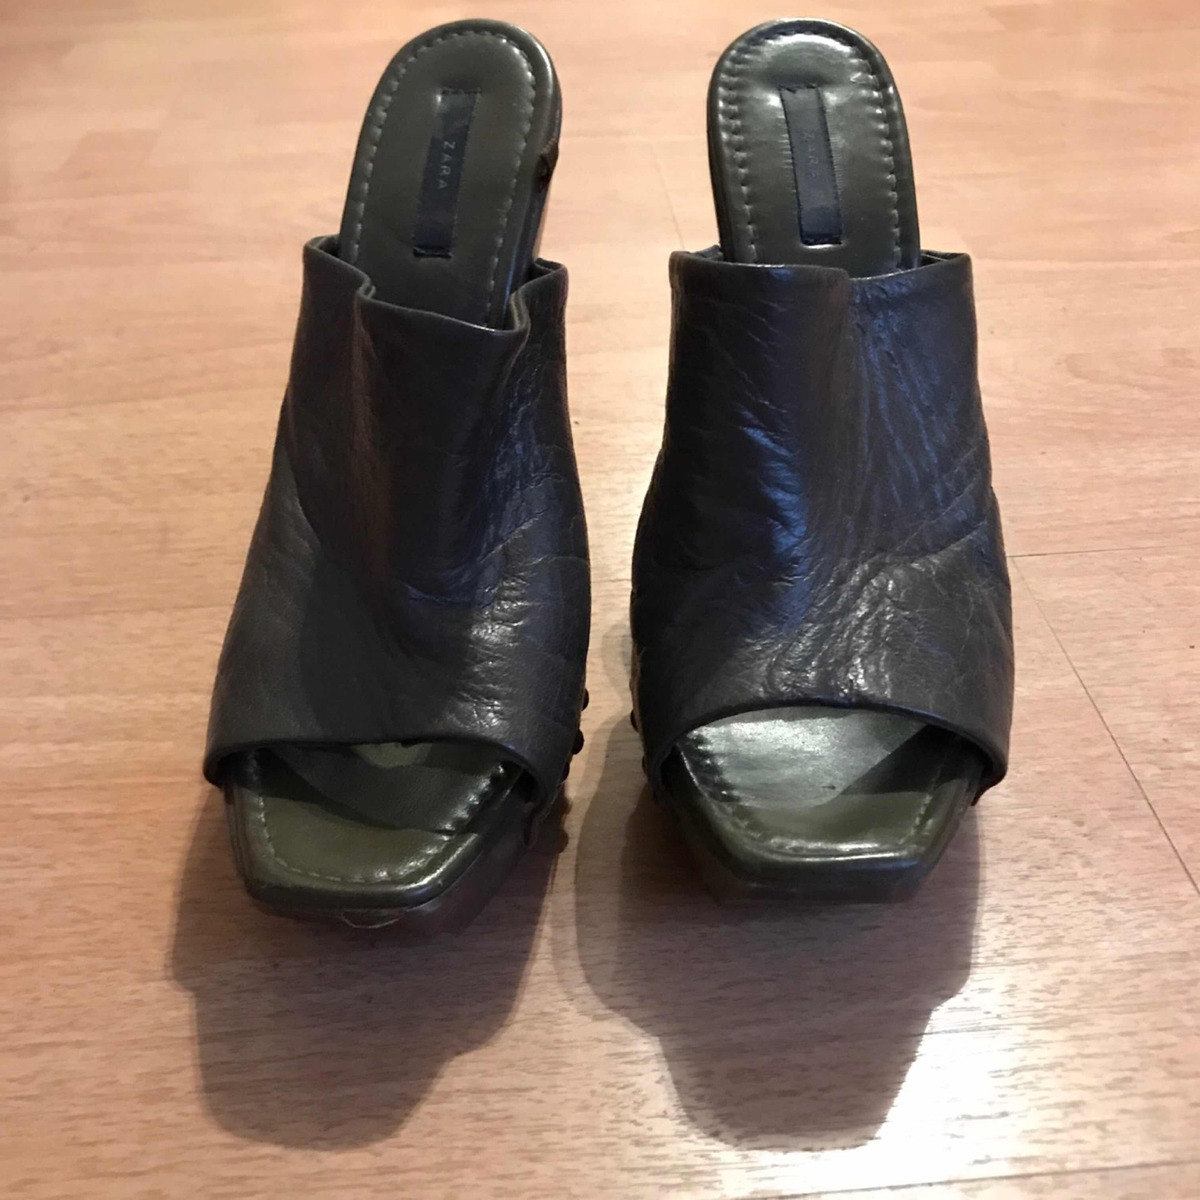 27622698ea329 zuecos zapatos zara. Cargando zoom.